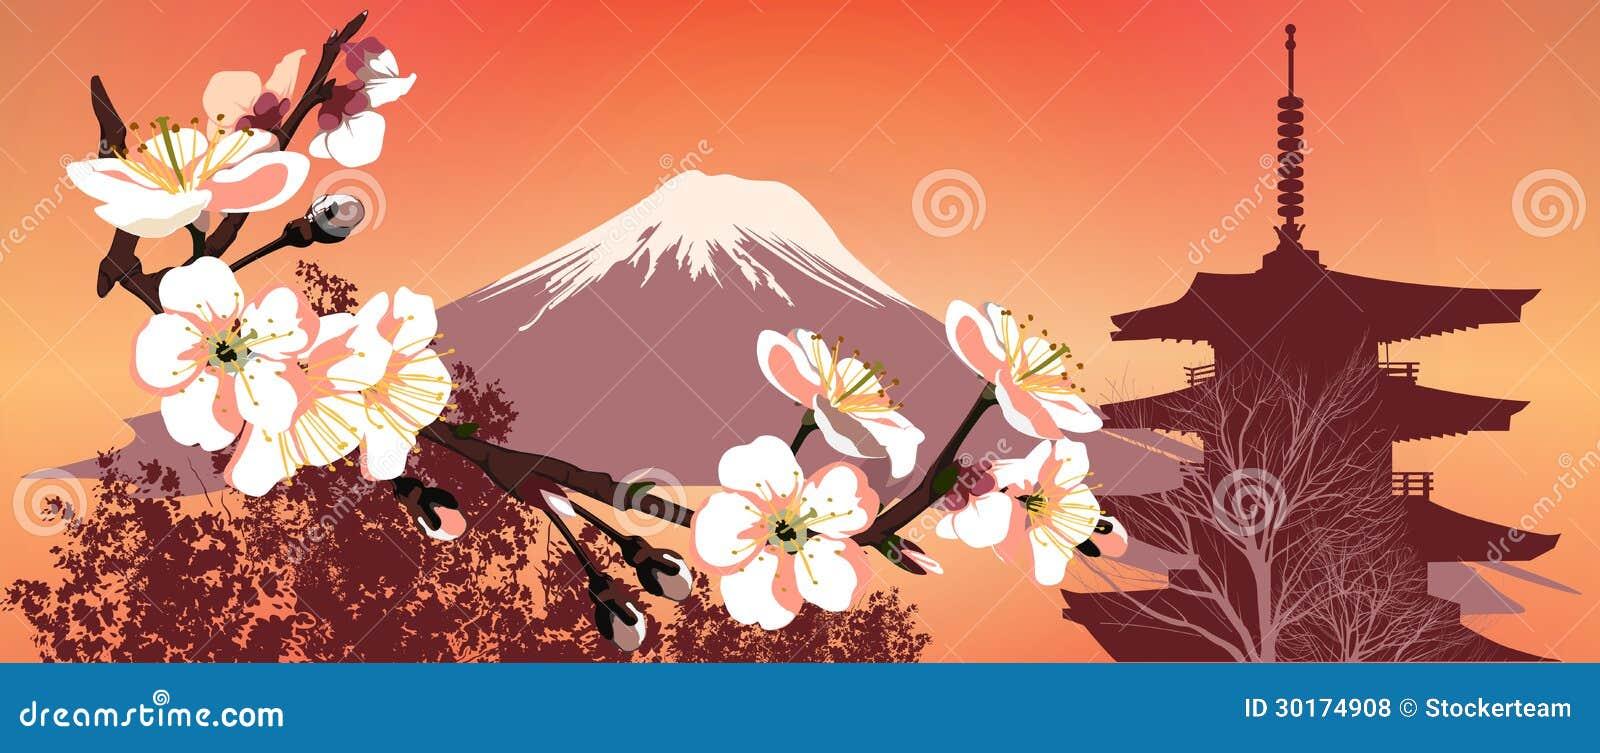 kirschblte berge und japanische huser - Japanische Huser